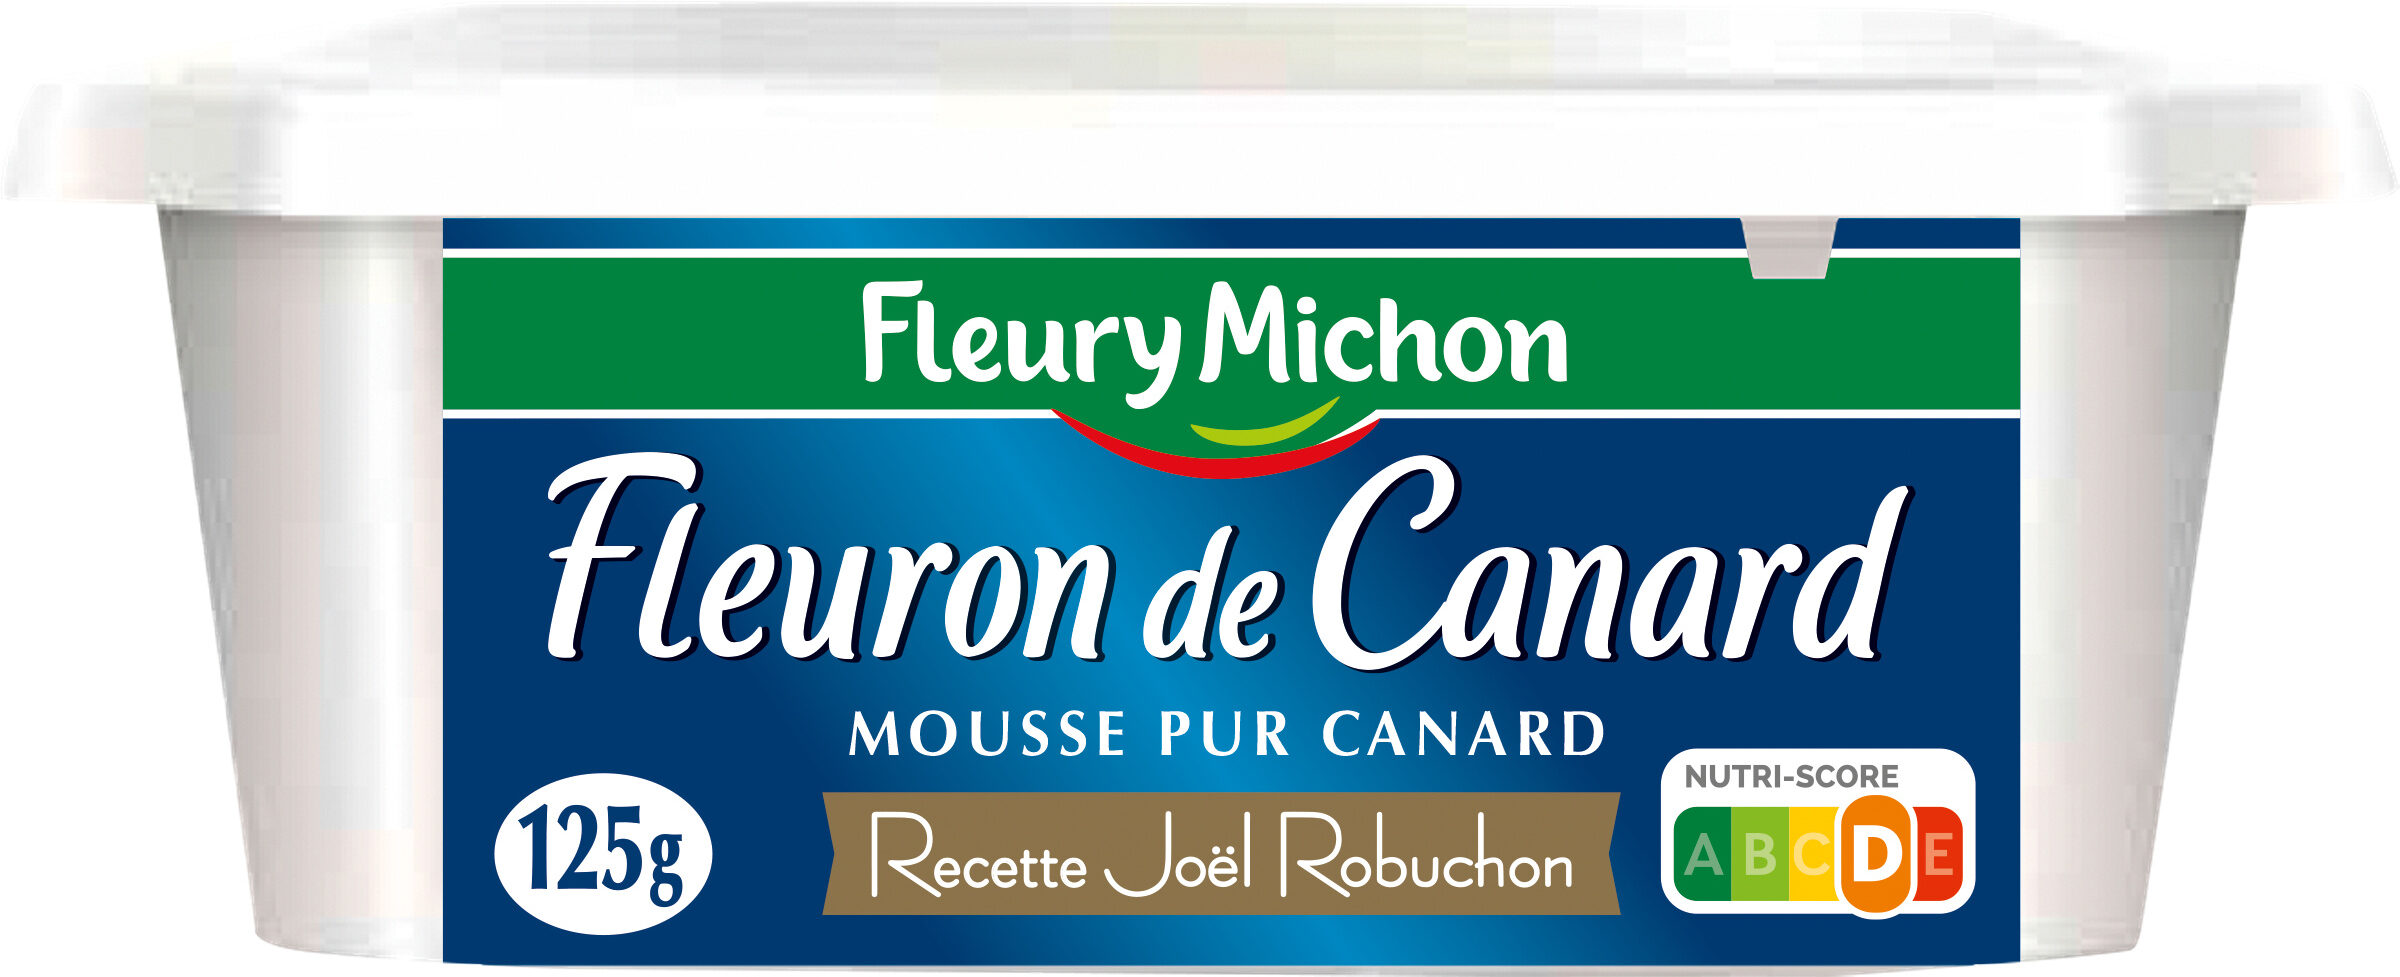 Fleuron de Canard - Produit